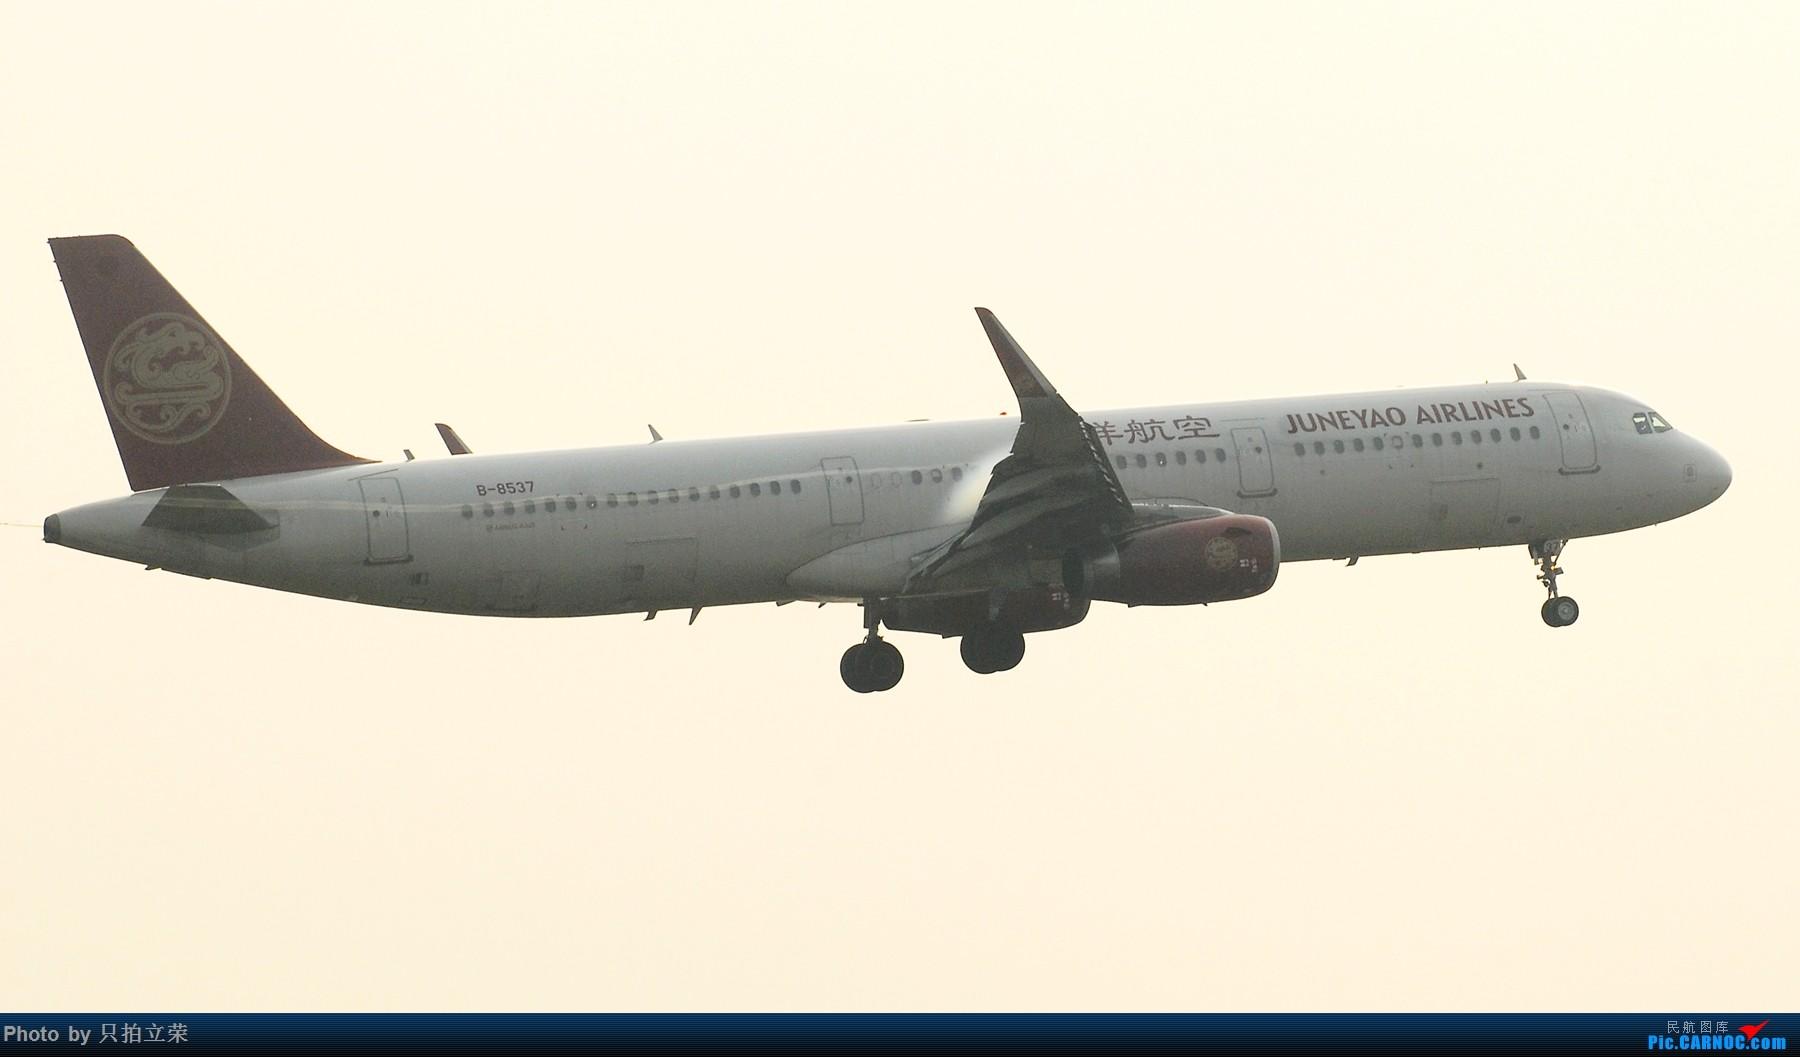 Re:[原创]湖南飞友会之,阿娇终于来长沙! AIRBUS A321-200 B-8537 中国长沙黄花国际机场